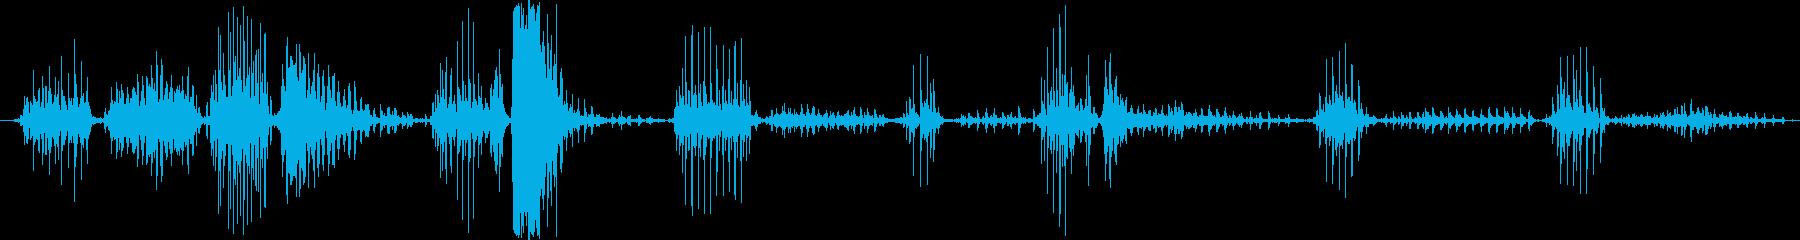 黒いヒョウ:絶え間ない喉の鳴き声、...の再生済みの波形